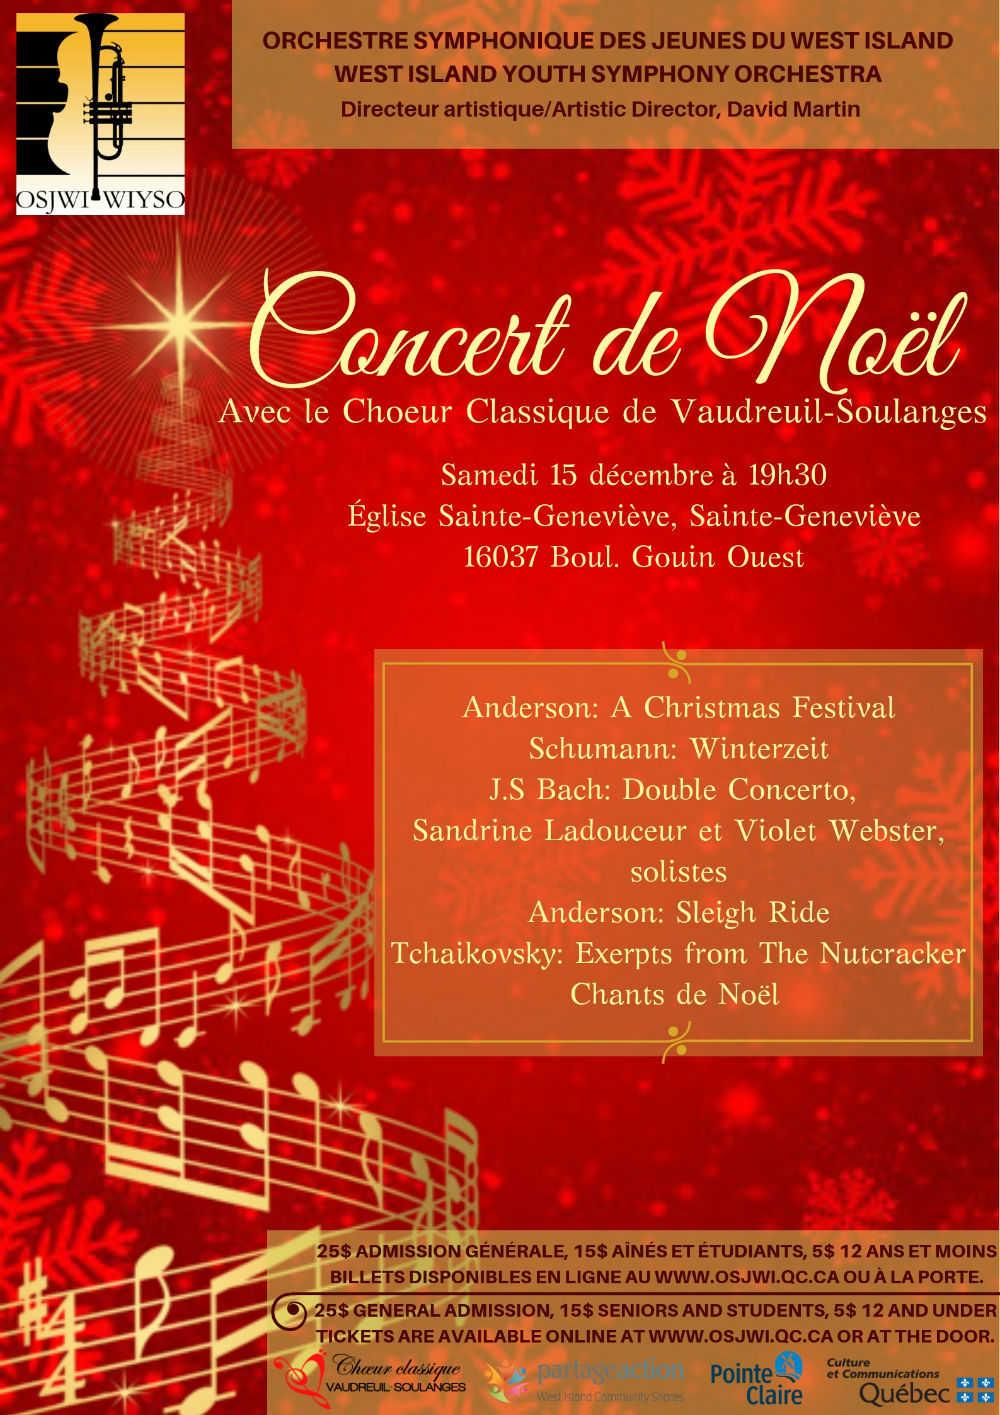 2018-12-15_Concert de Noël_programmeFinal_x1000_c.jpg